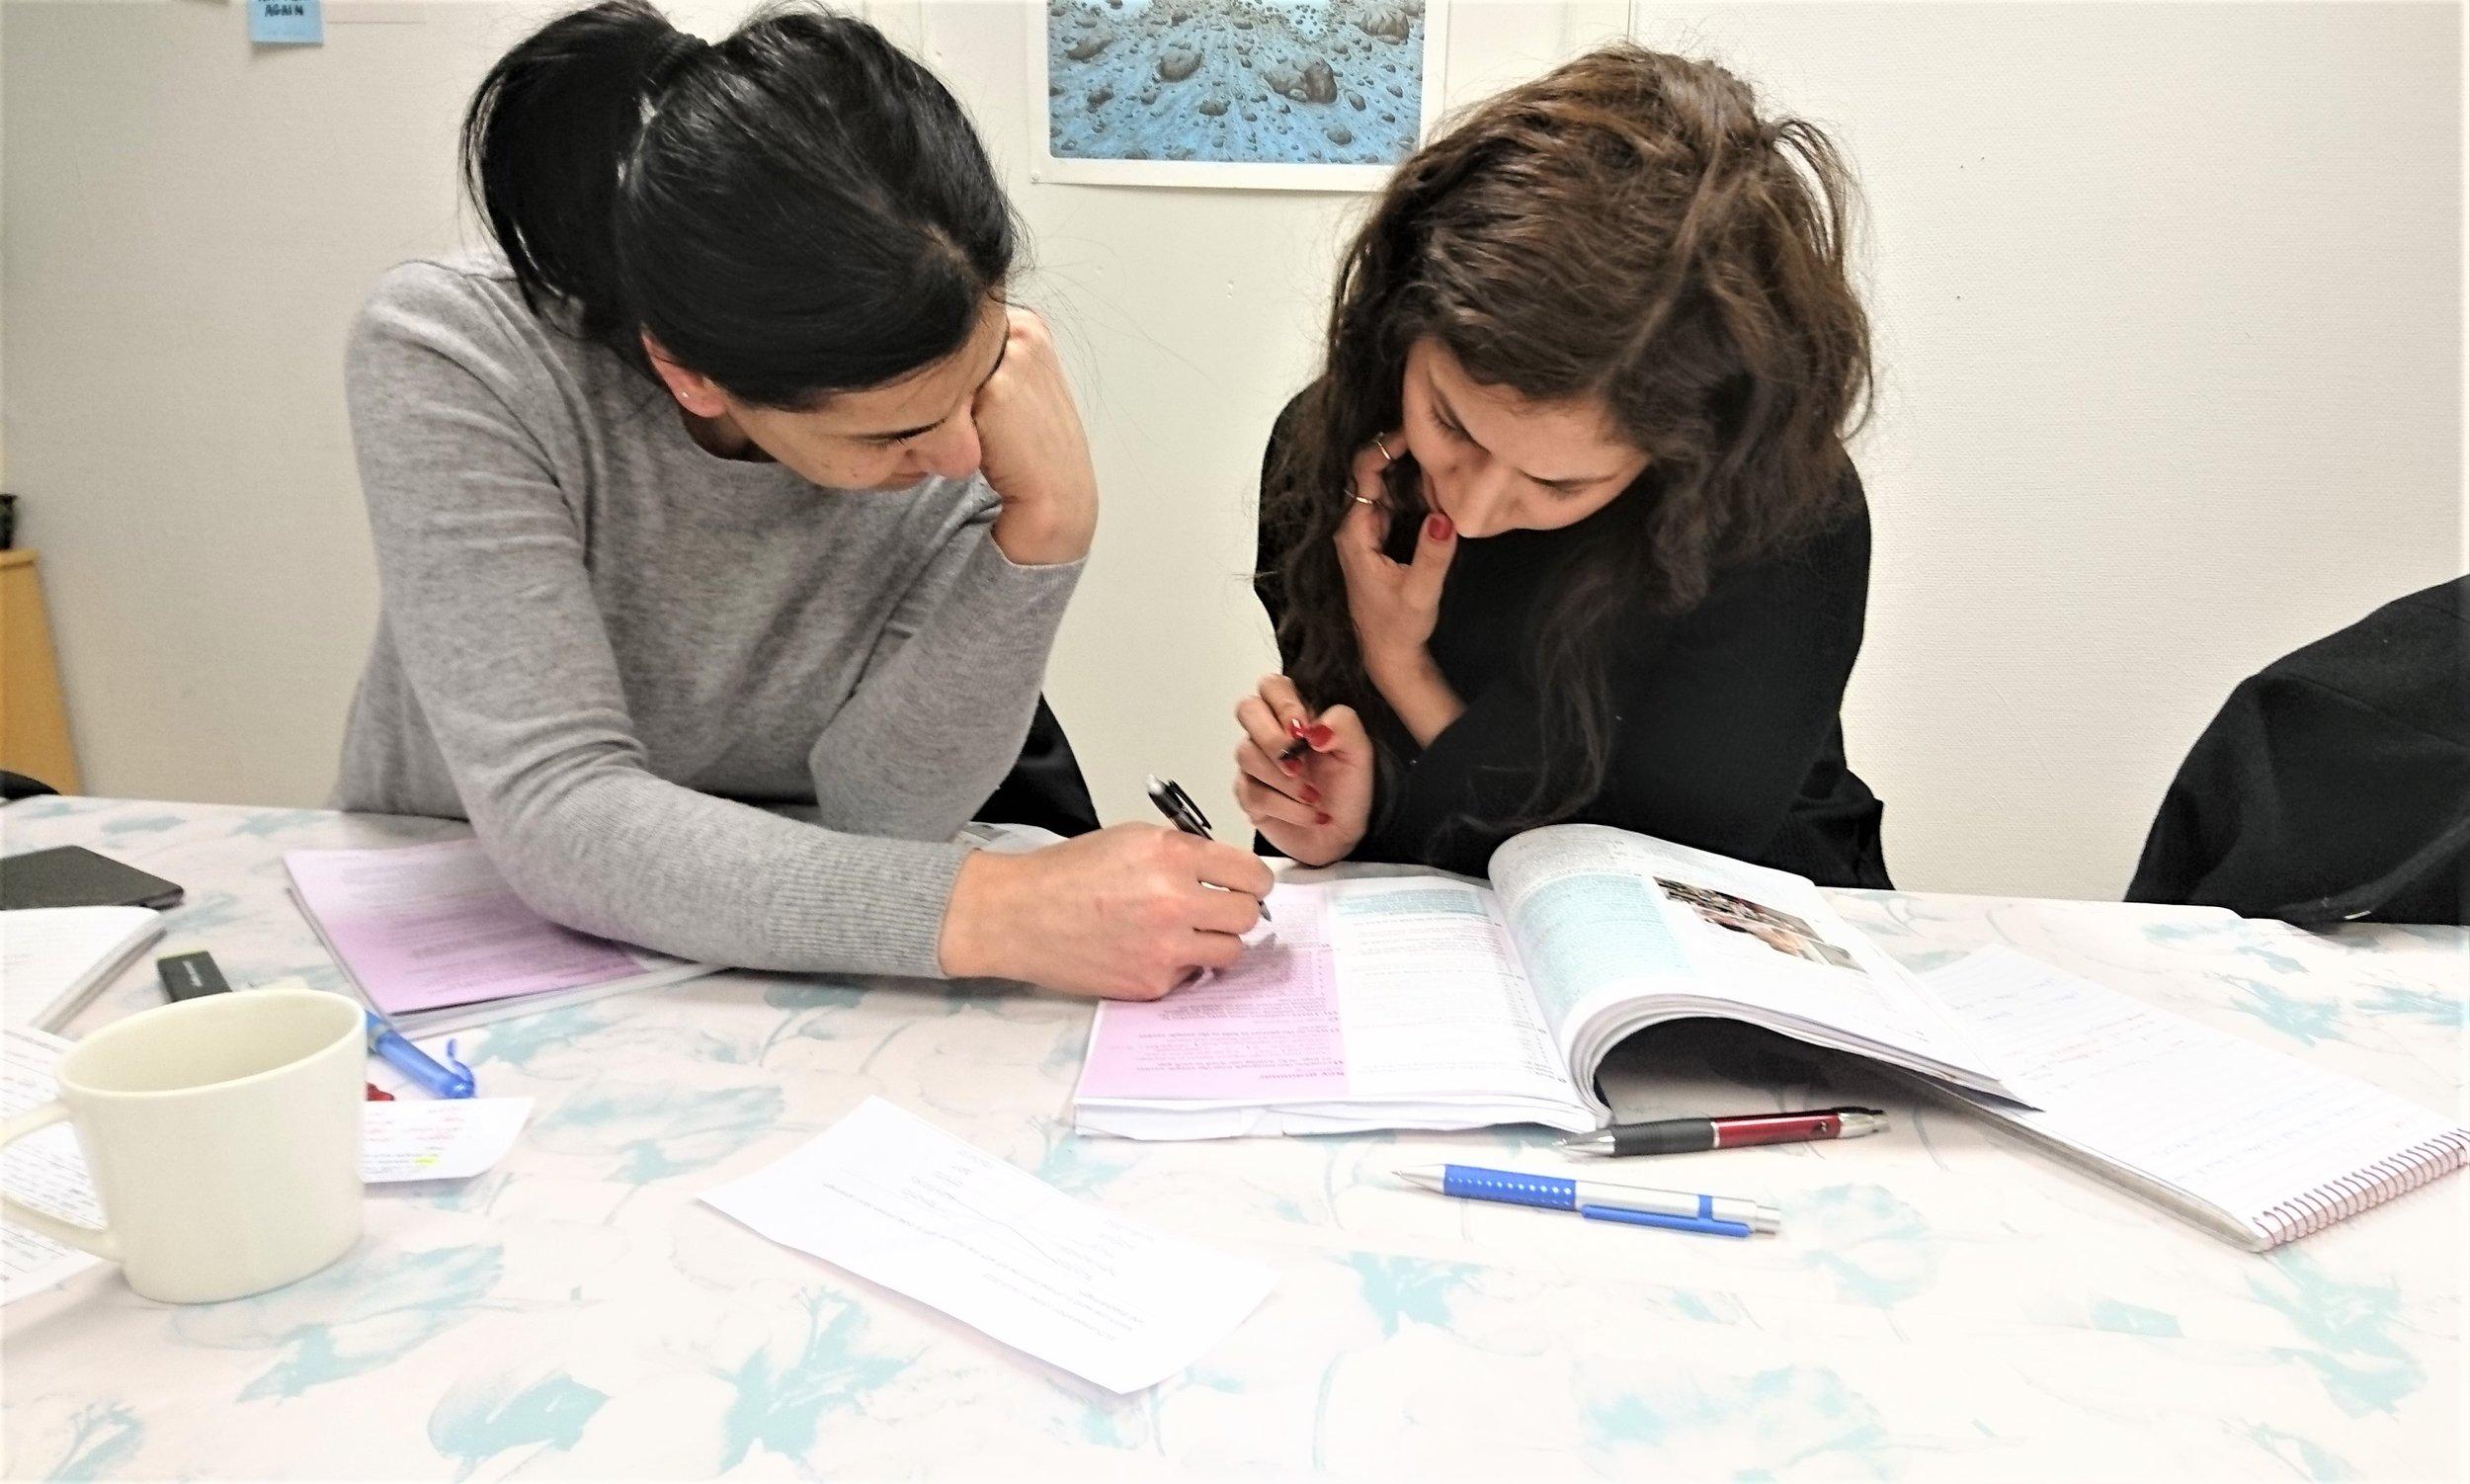 IELTS exam preperation (30 hrs) - Wednesdays : 16:45-19:45Start date : 22.08.2018End date: 24.10.2018